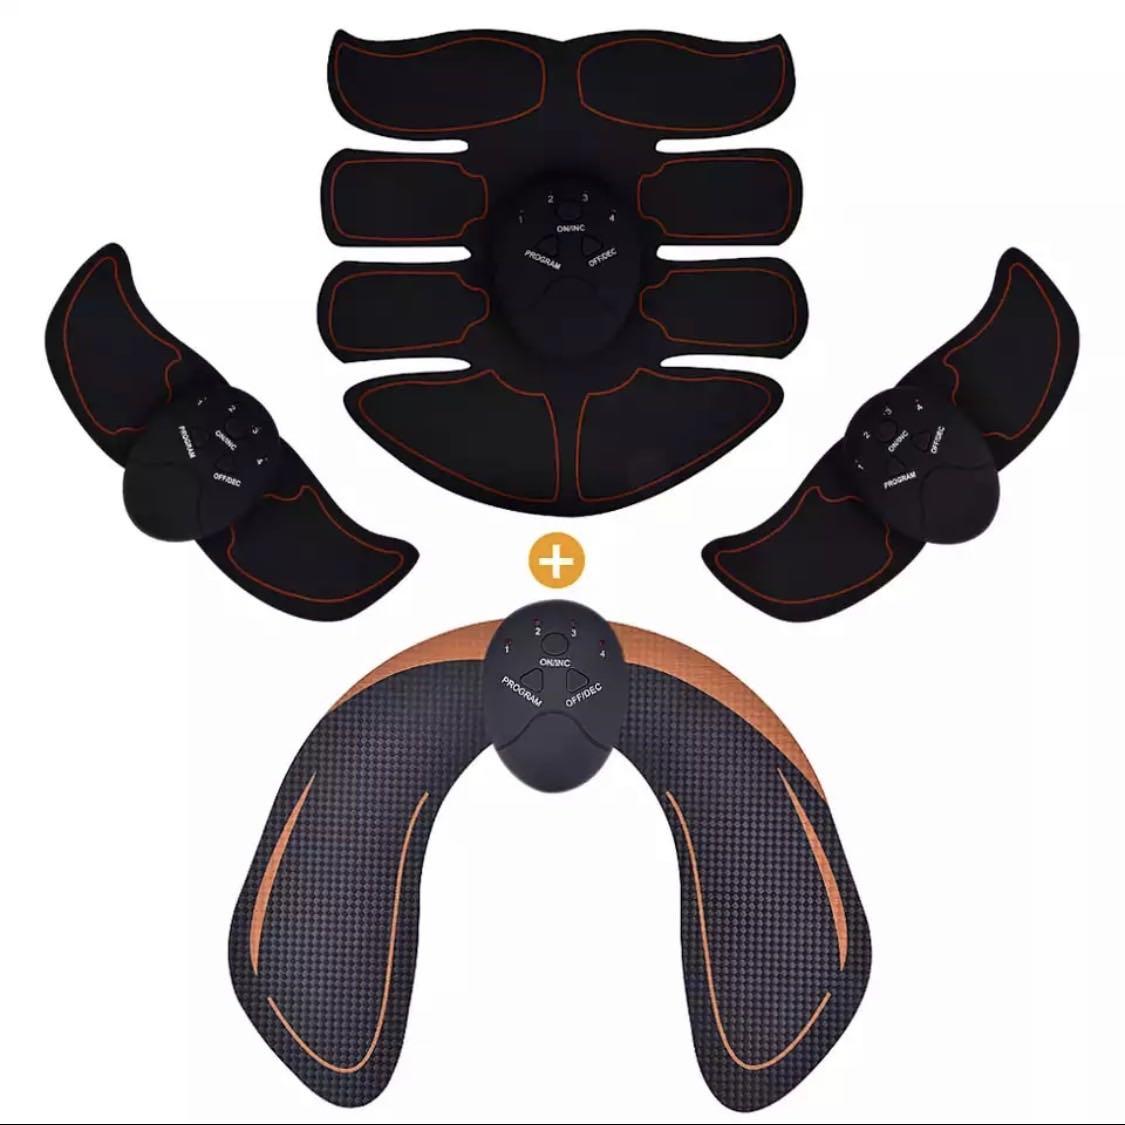 מכשיר-EMS--הטכנולוגיה-החדשנית-ביותר-לחיטוב-ועיצוב-הגוף - יד 2